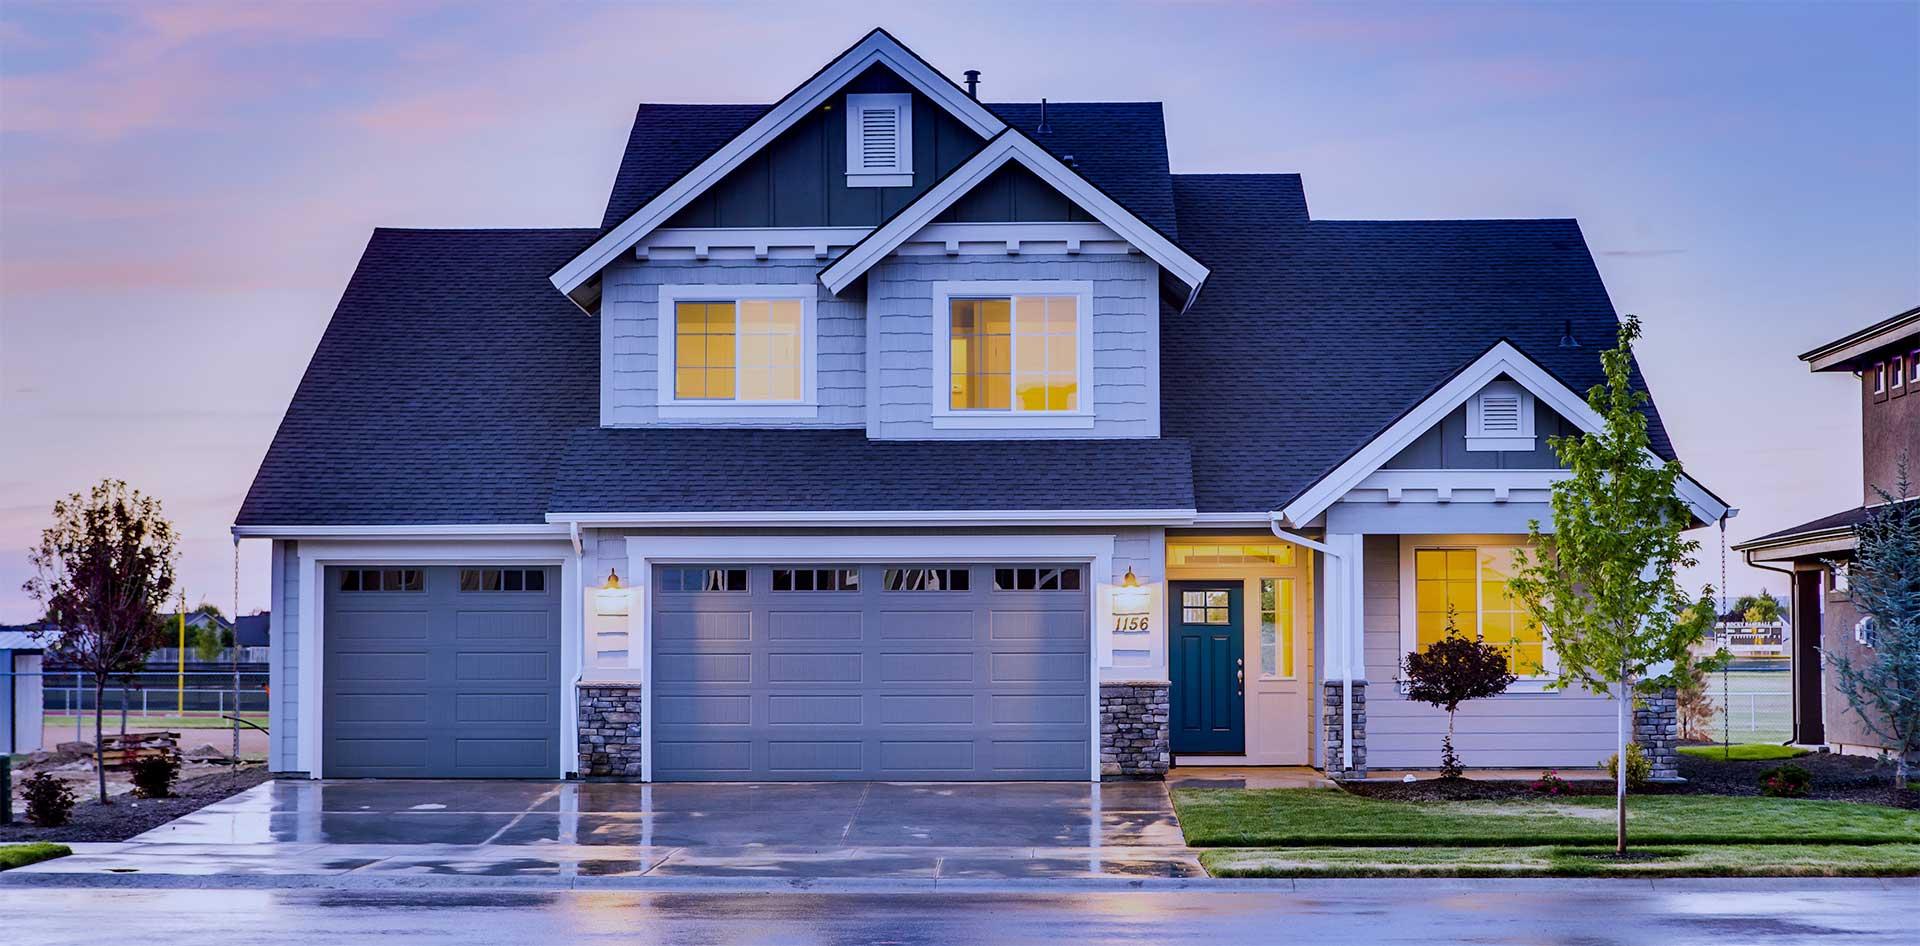 dom i <span>mieszkanie</span>